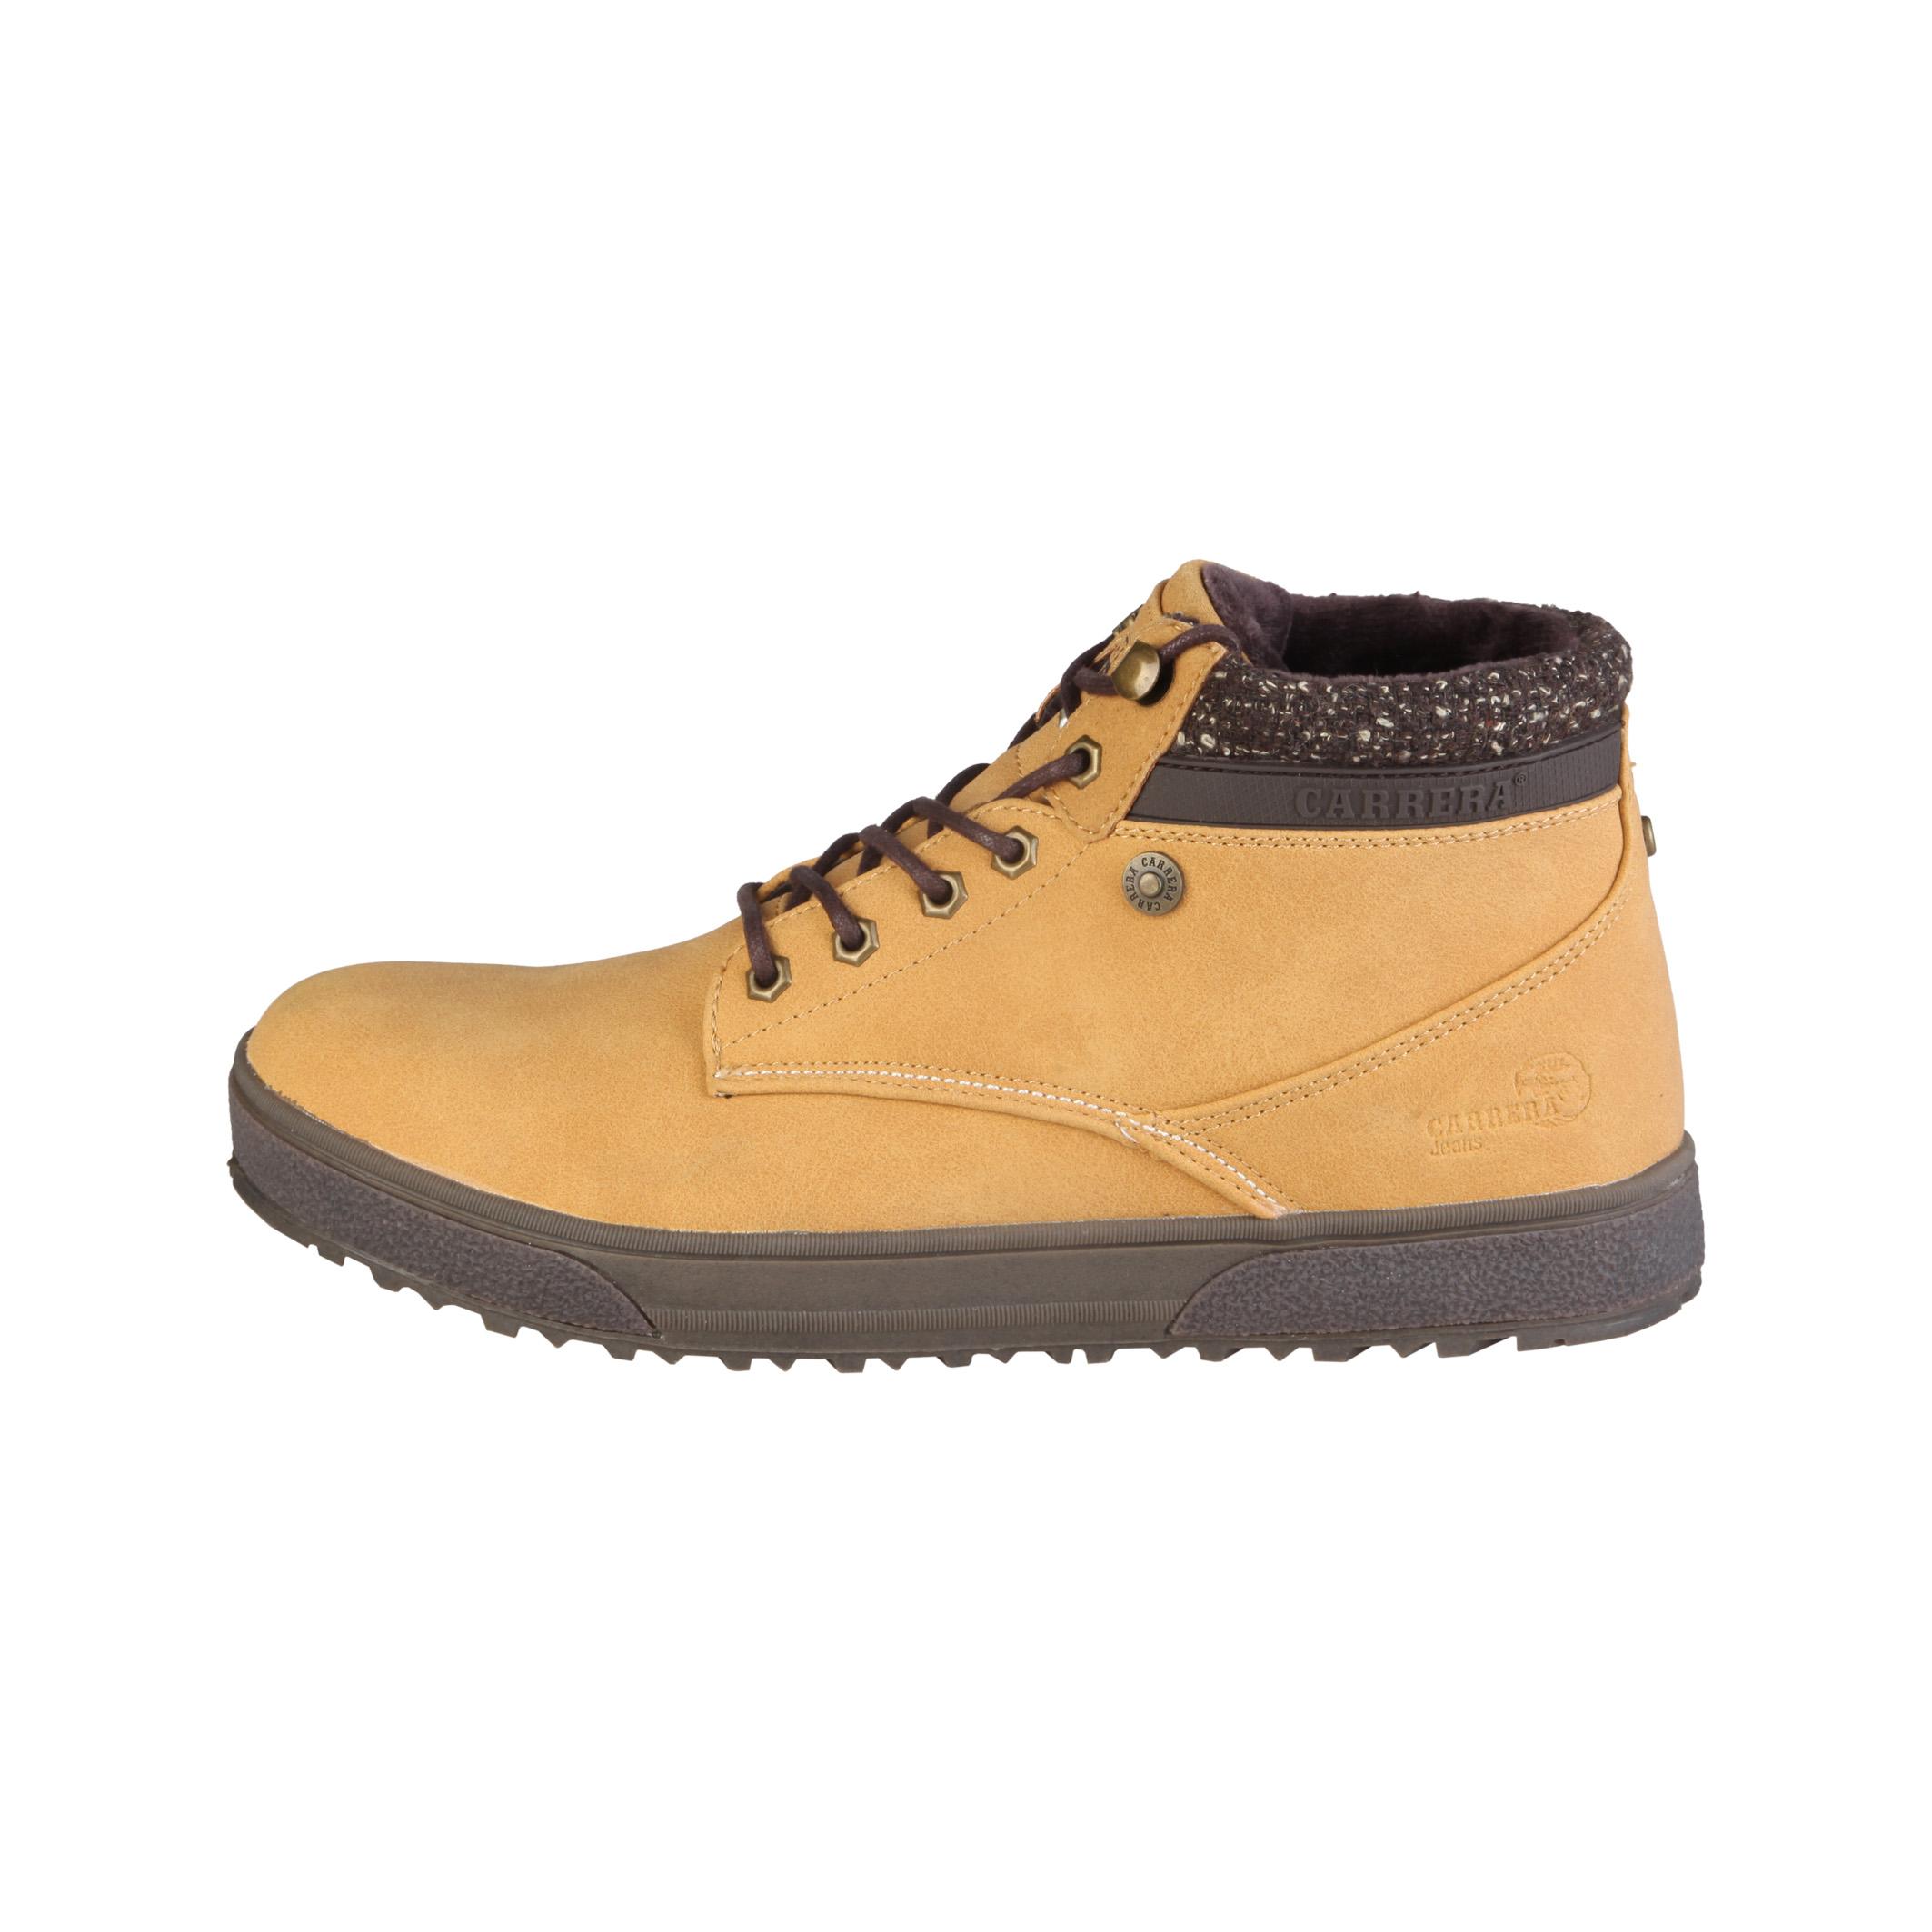 Carrera Jeans  - Botas bajas con cordones y cuello acolchado  - Empeine: eco-cuero y tejido  - Ojete